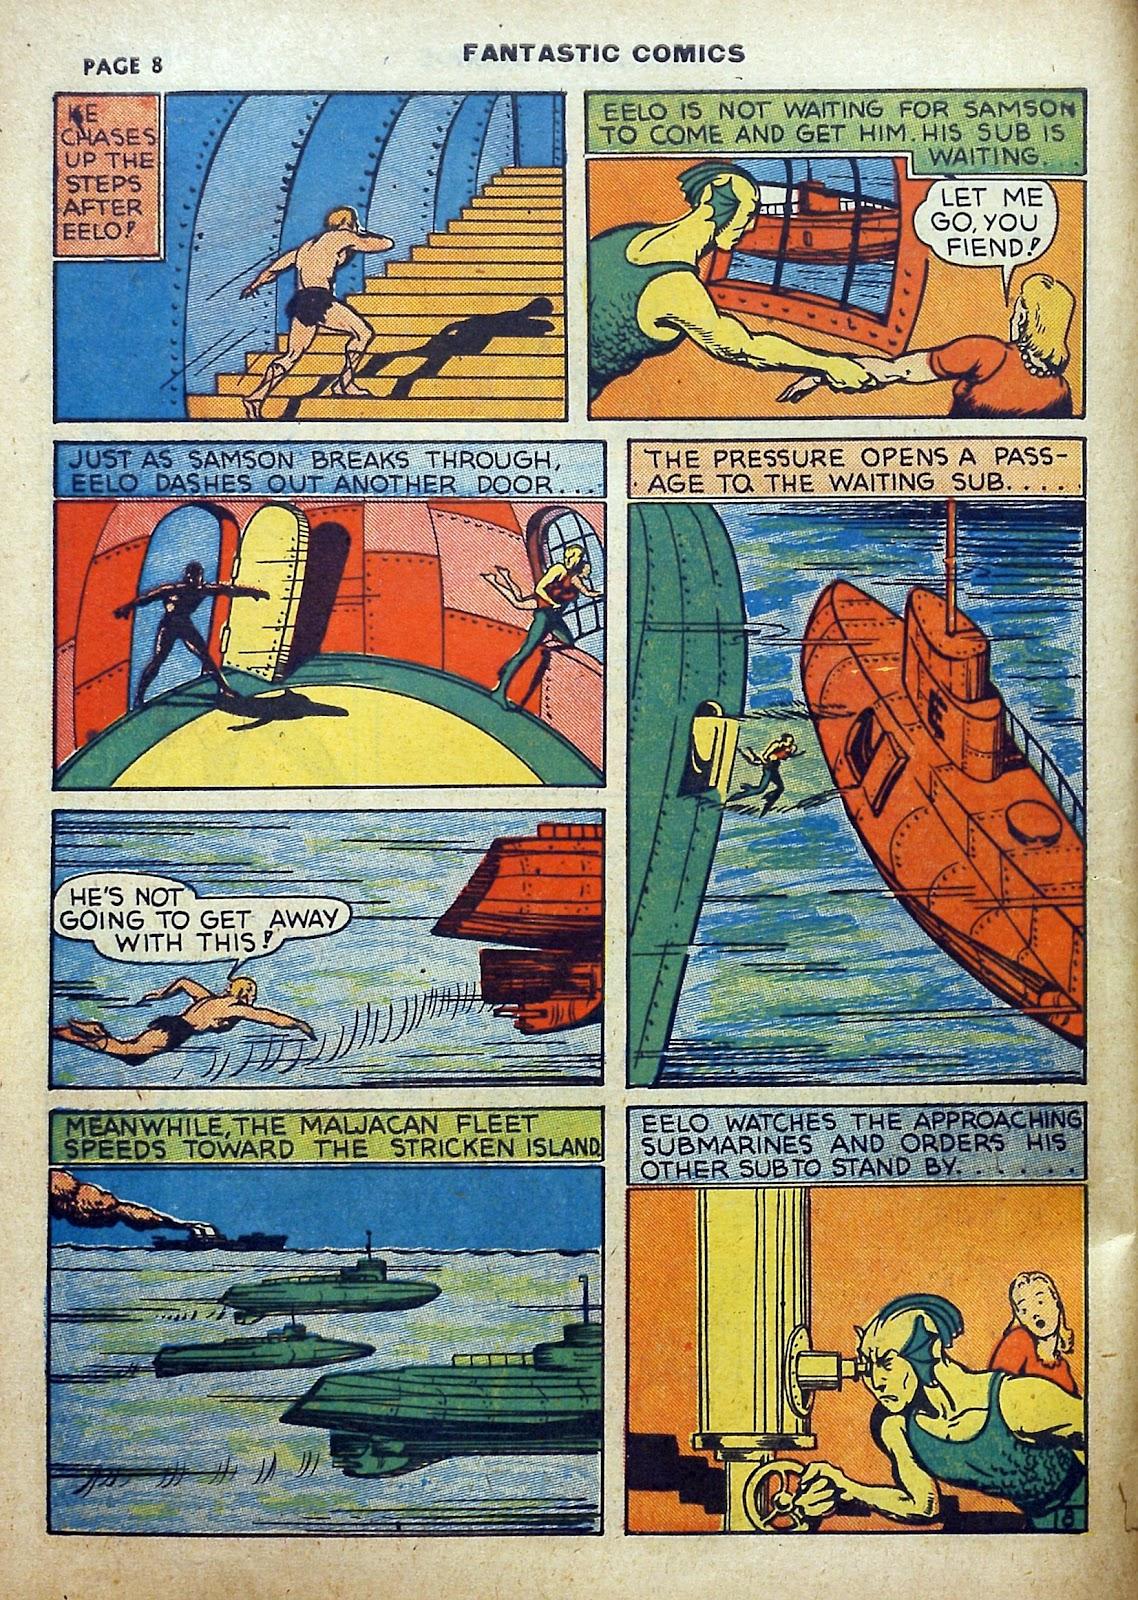 Read online Fantastic Comics comic -  Issue #5 - 9